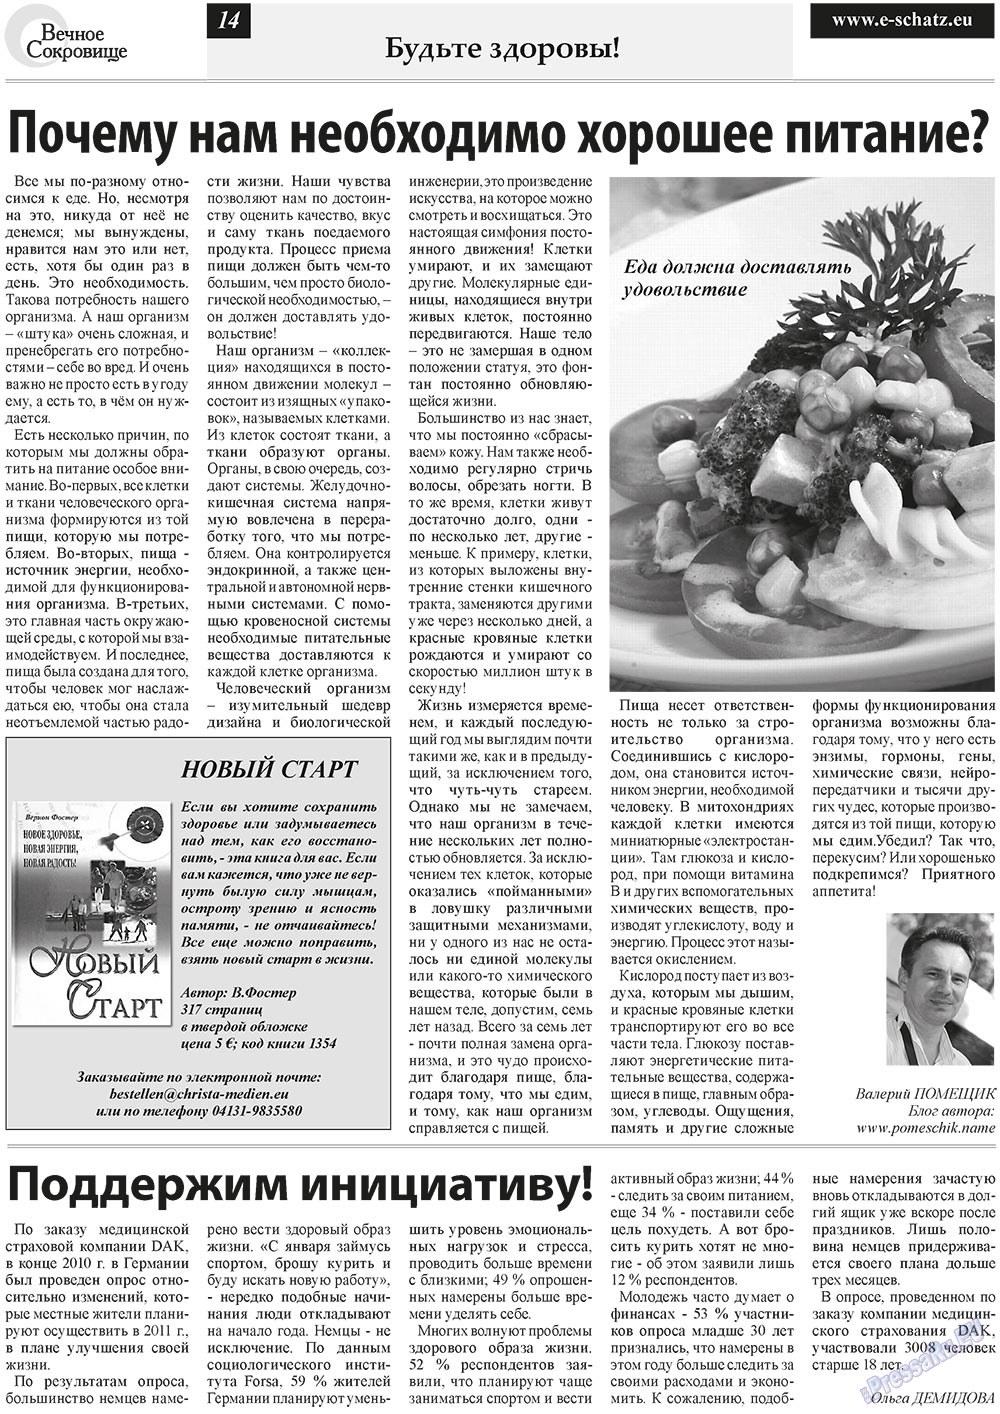 Вечное сокровище (газета). 2011 год, номер 2, стр. 14